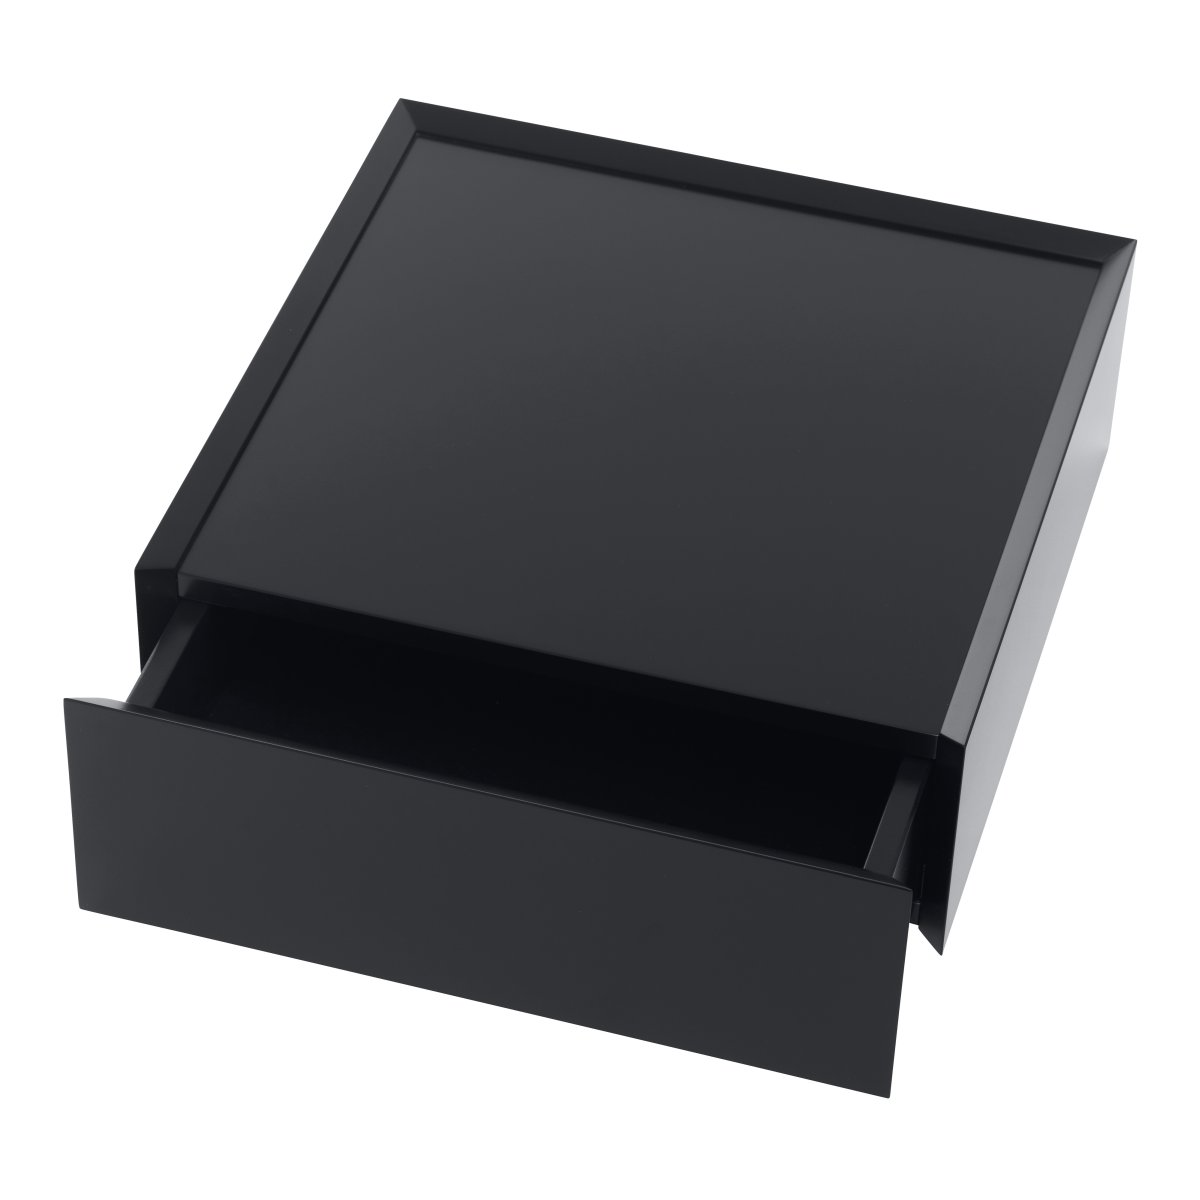 SOUVENIR Schubkastenbox groß schwarz (46), geöffnet